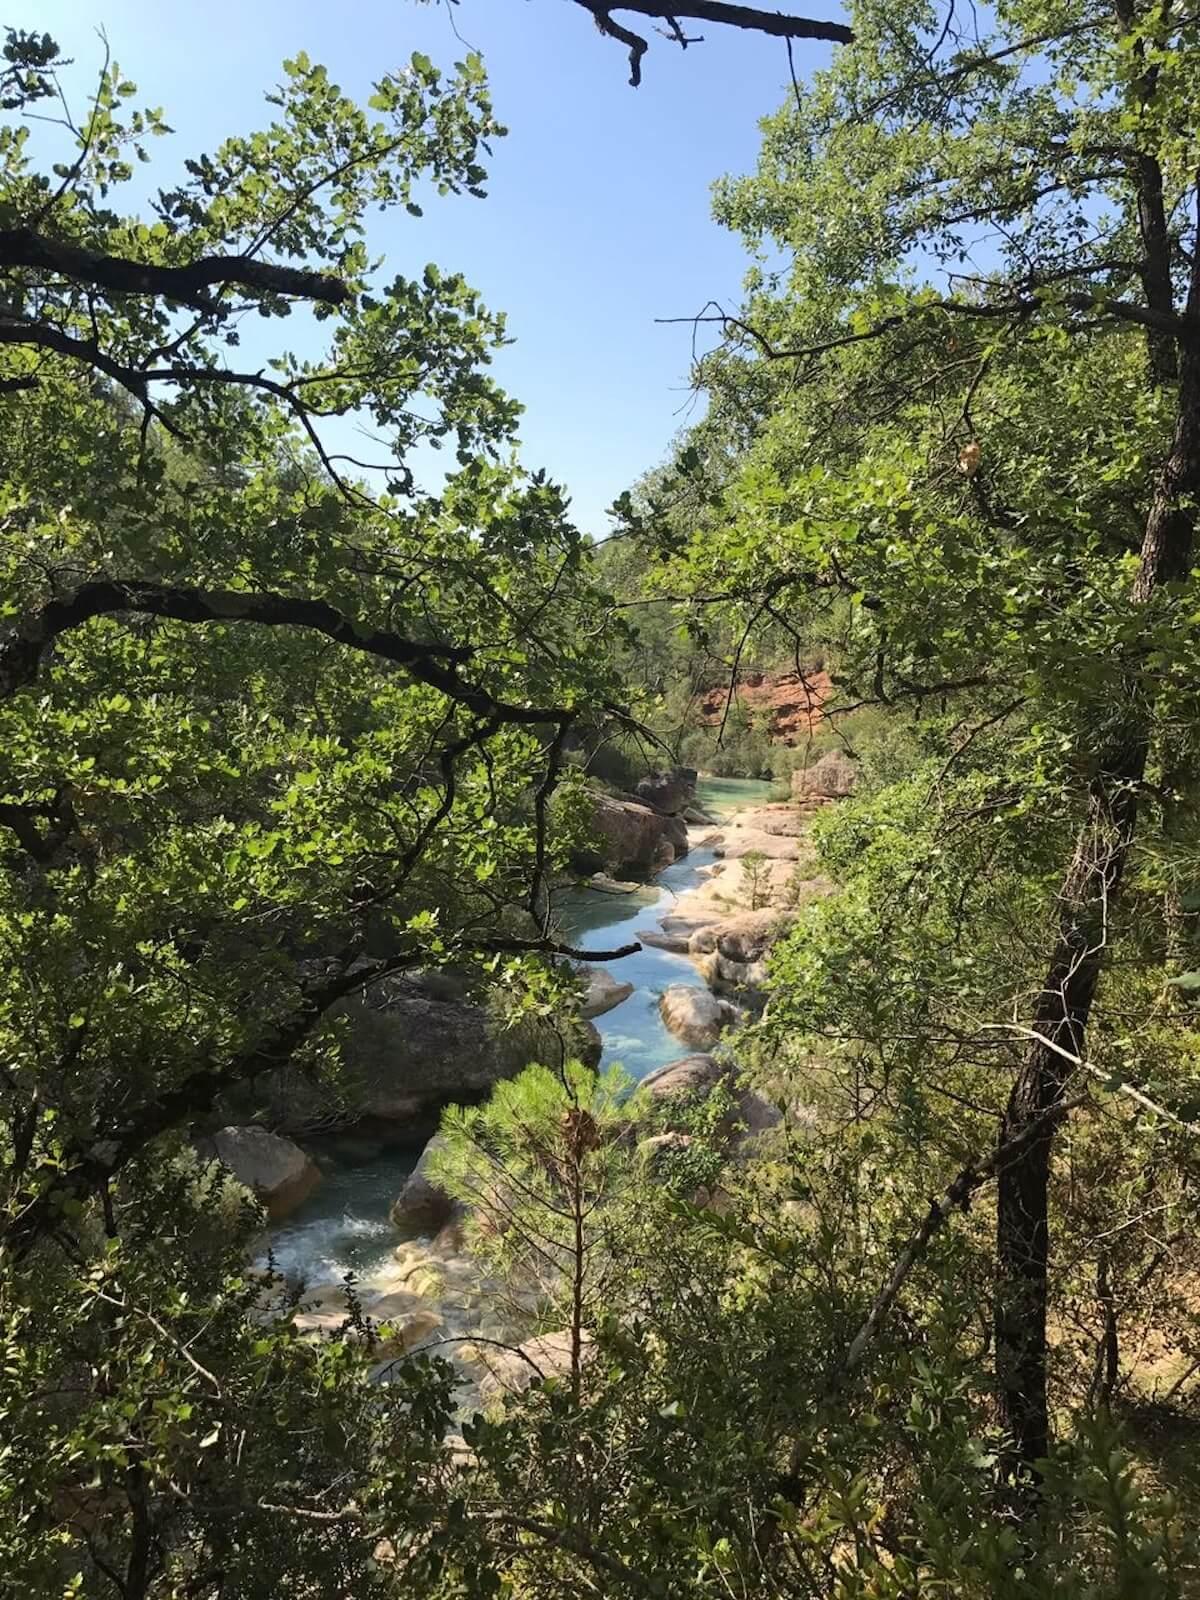 Basses d'aigua del riu Rialb: guia completa